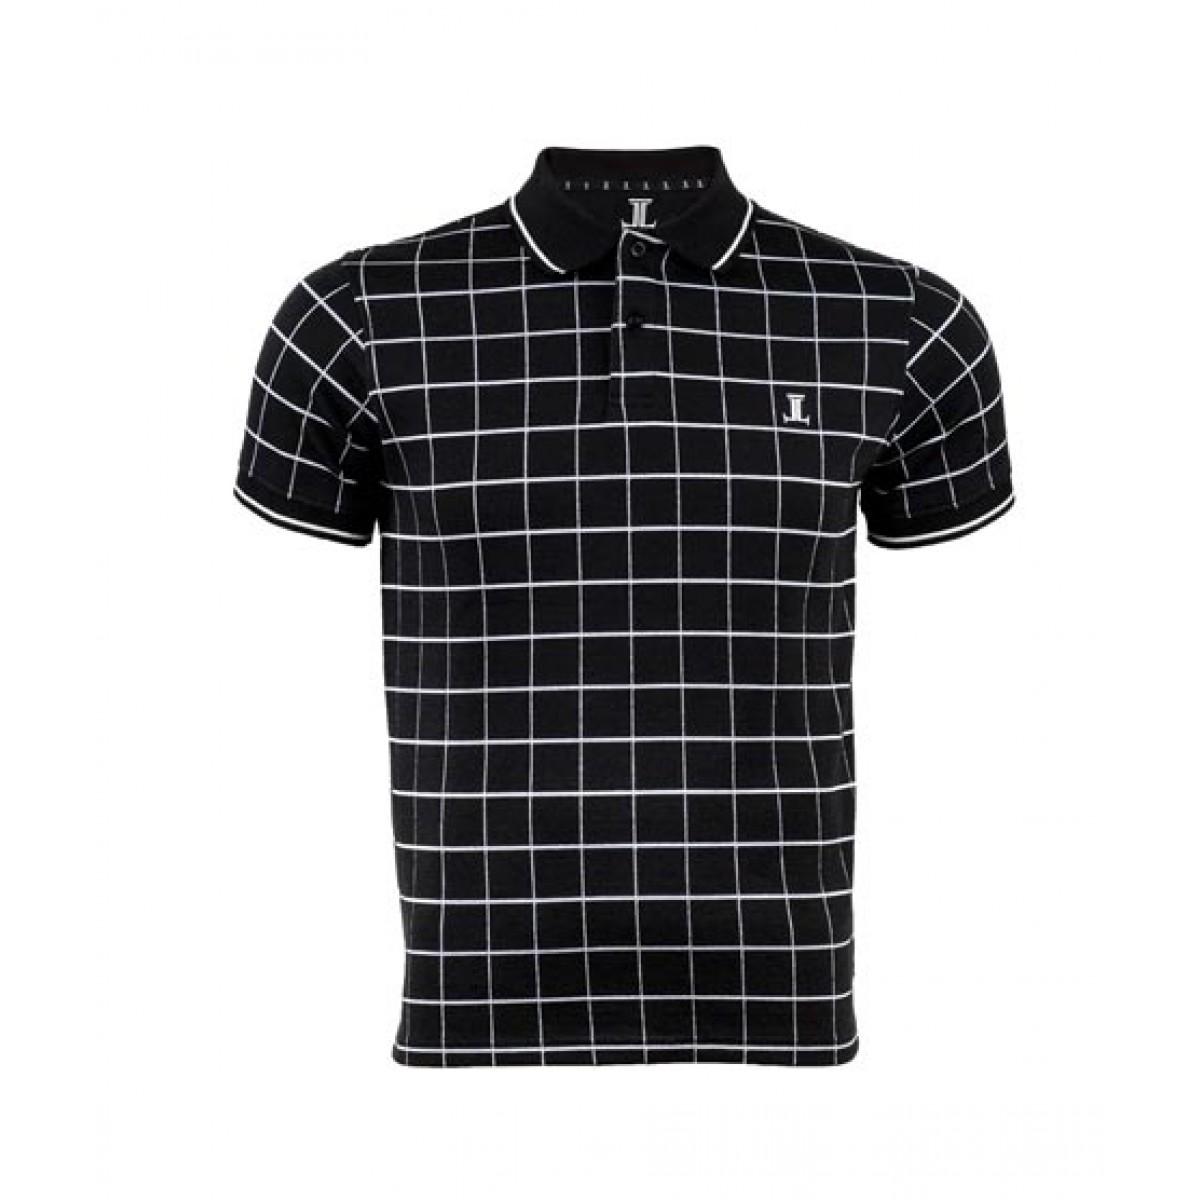 Julke Simon Polo Shirt For Men Black